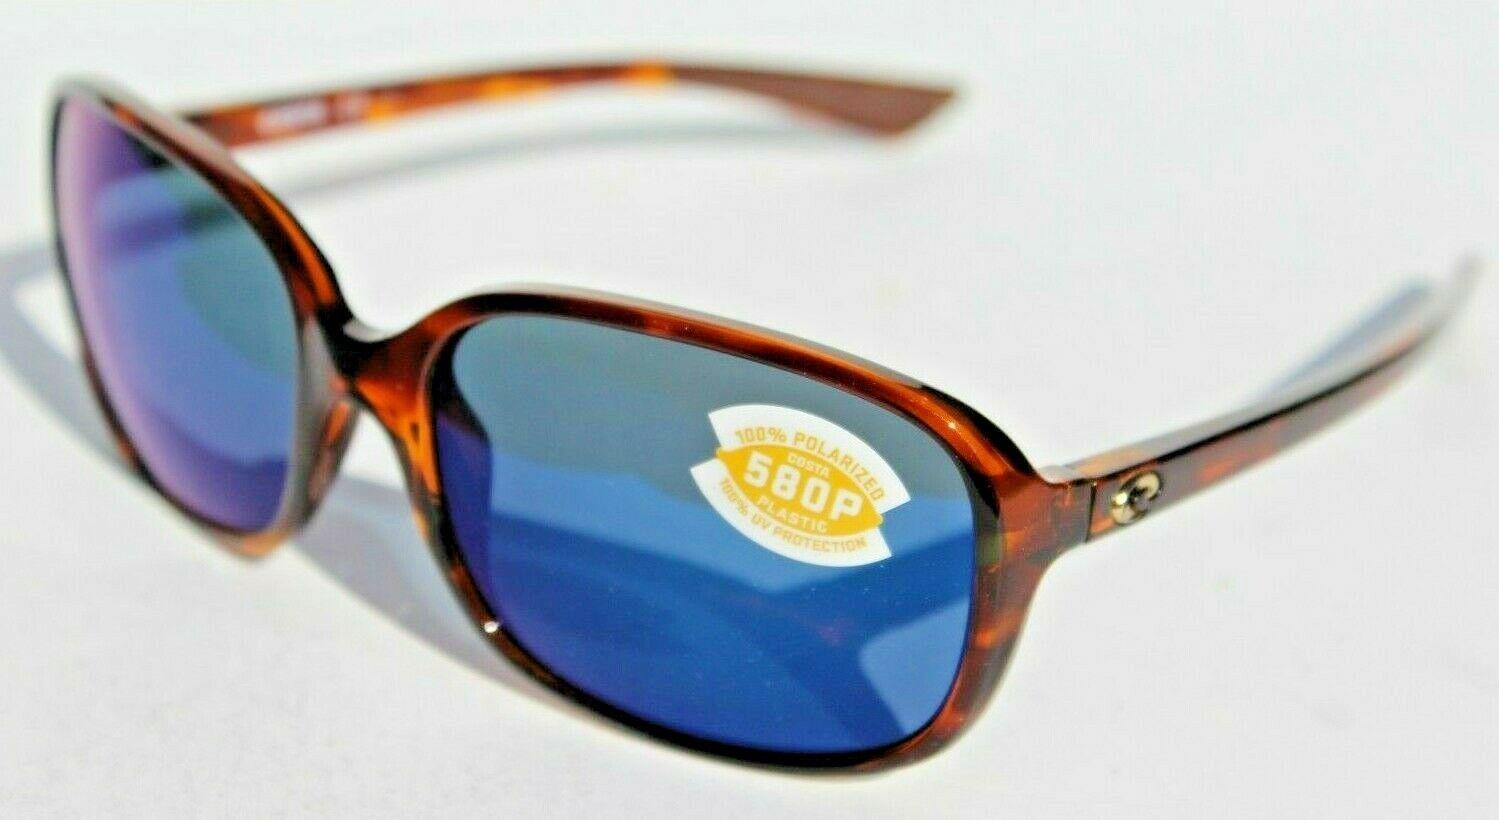 COSTA DEL MAR Riverton POLARIZED Sunglasses Shiny Tortoise/Blue Mirror 580P NEW